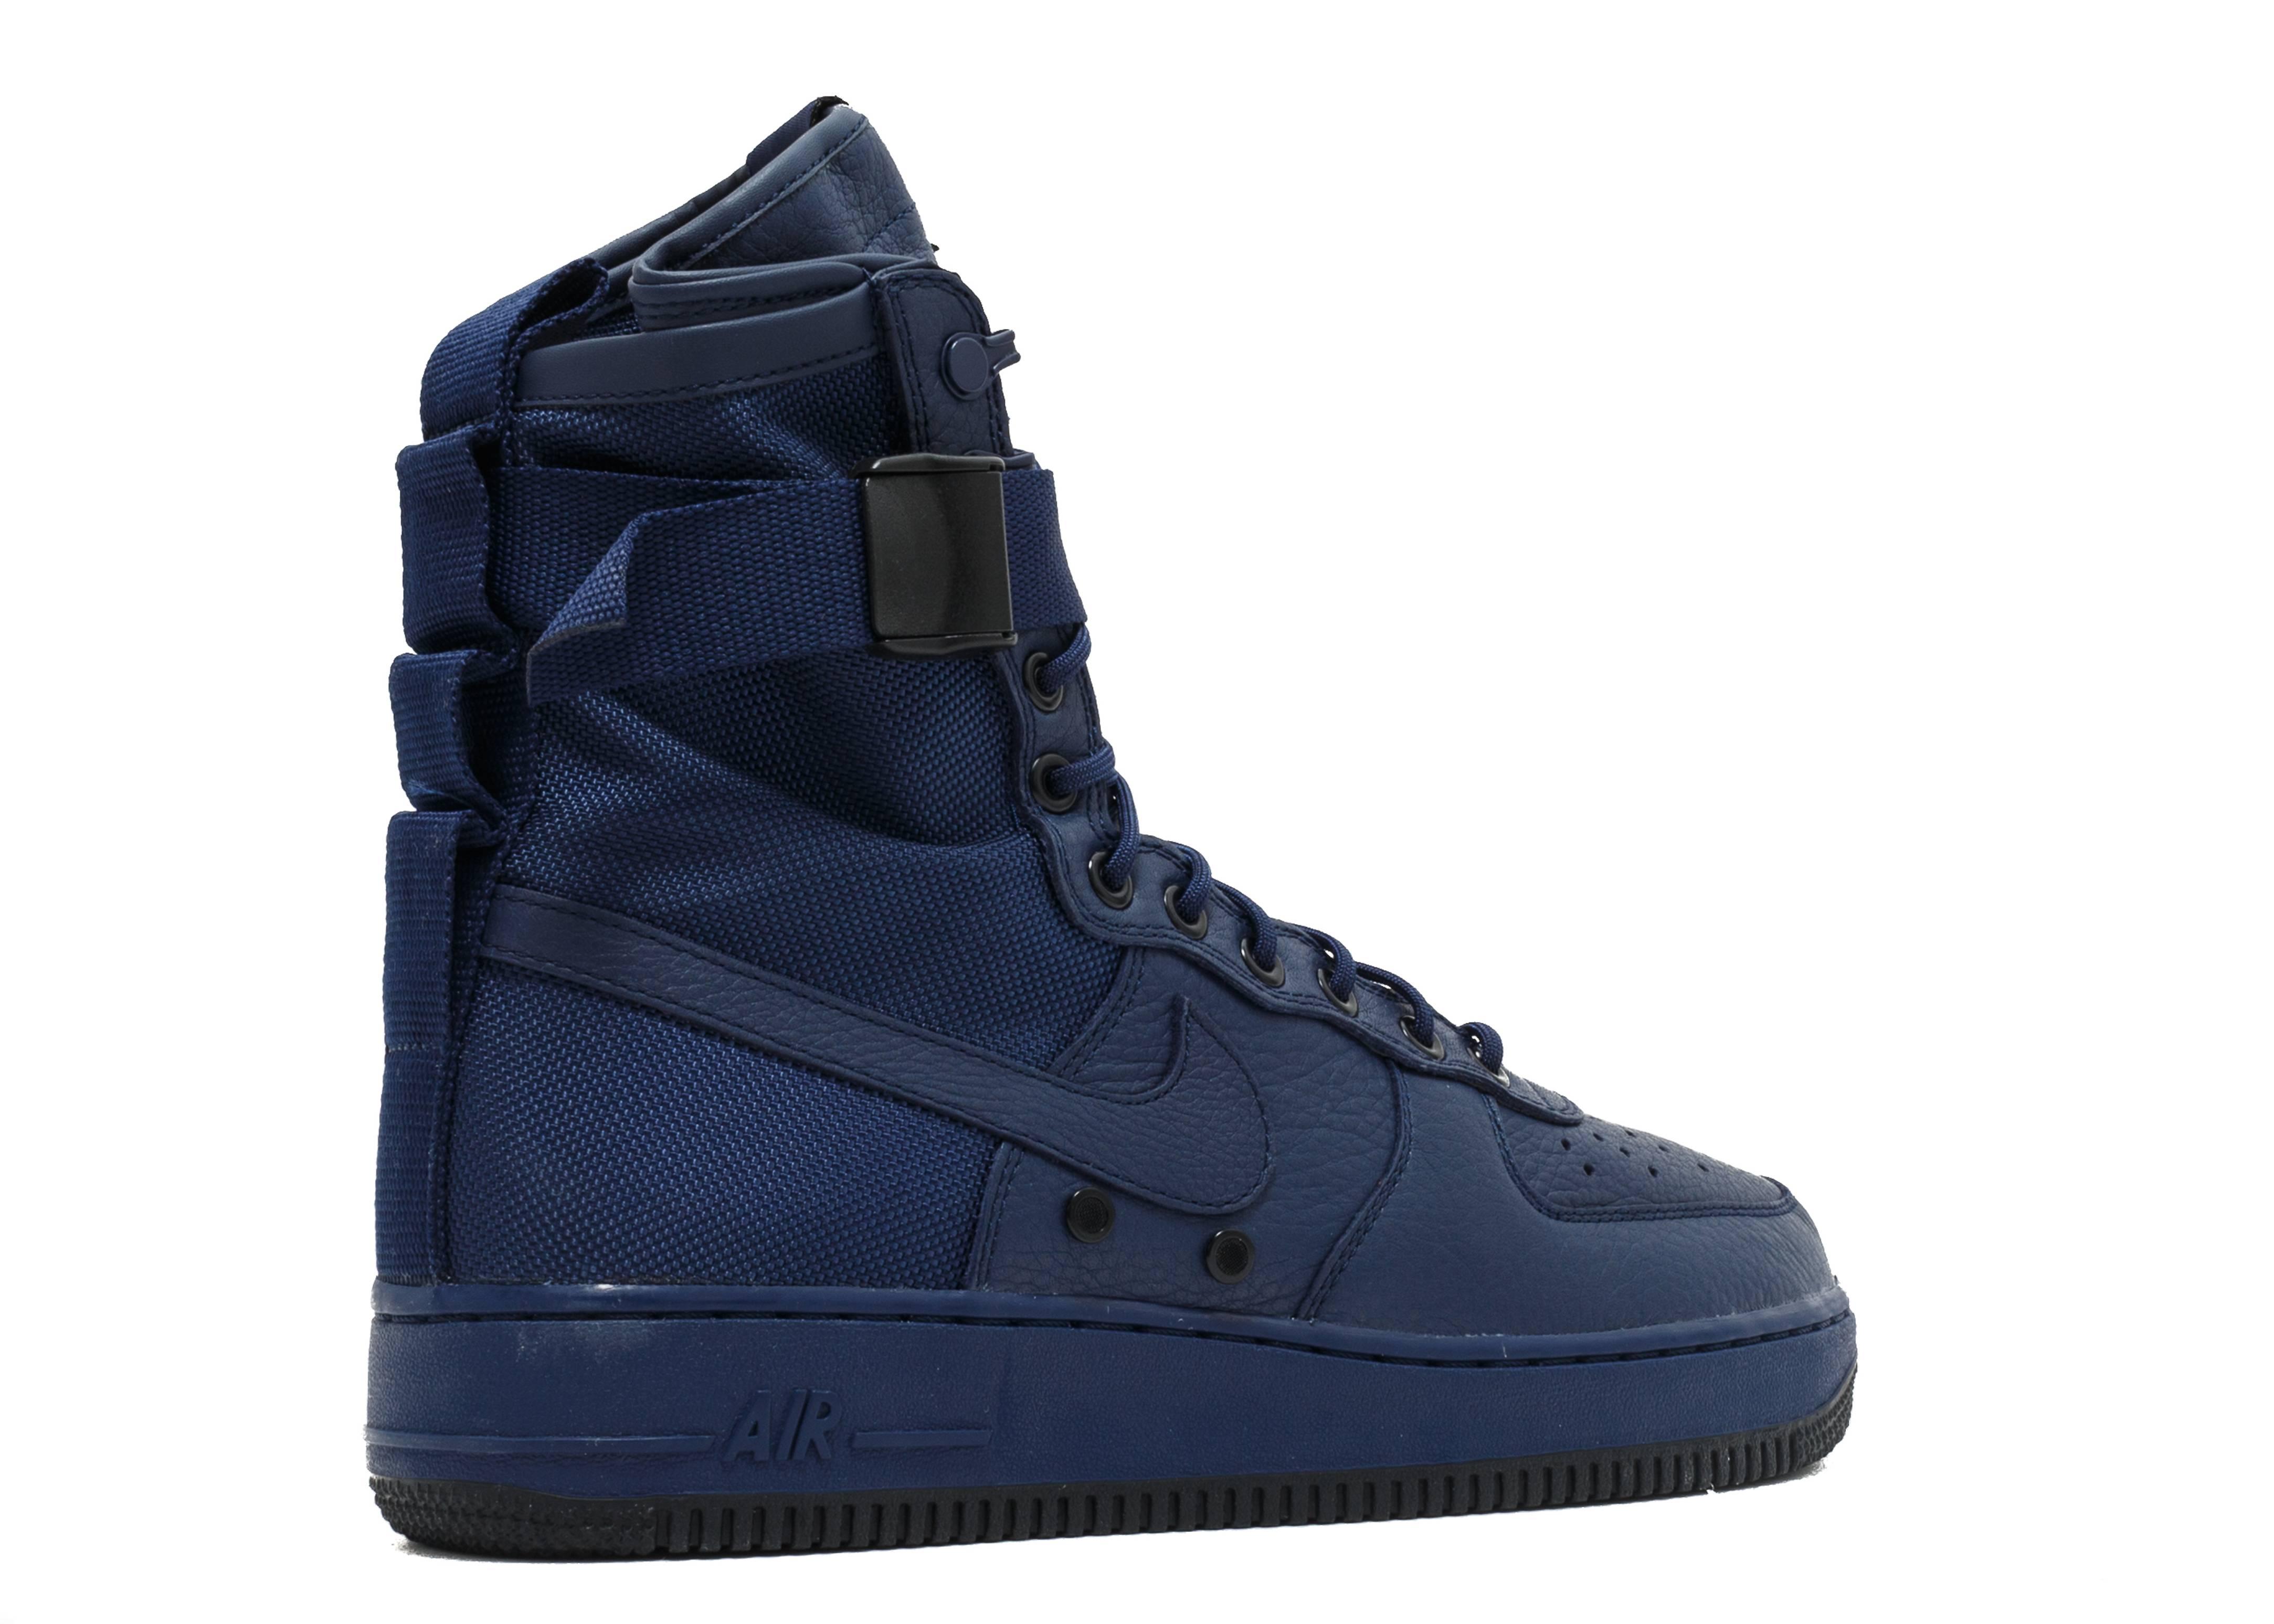 W s Sf Air Force One High